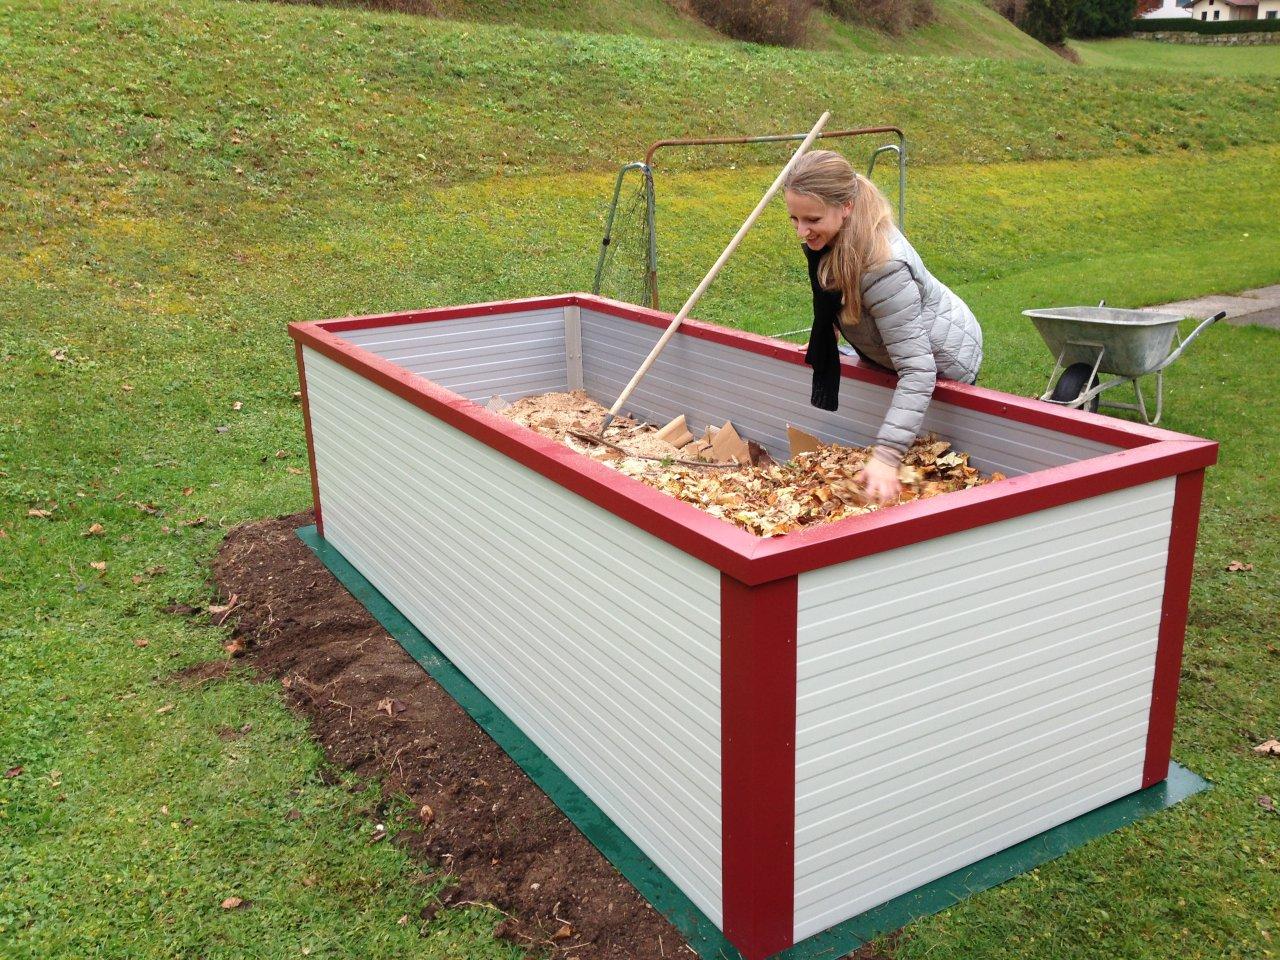 hochbeet dach hochbeet mit dach garten pinterest garten gardens and garden ideas garten und. Black Bedroom Furniture Sets. Home Design Ideas